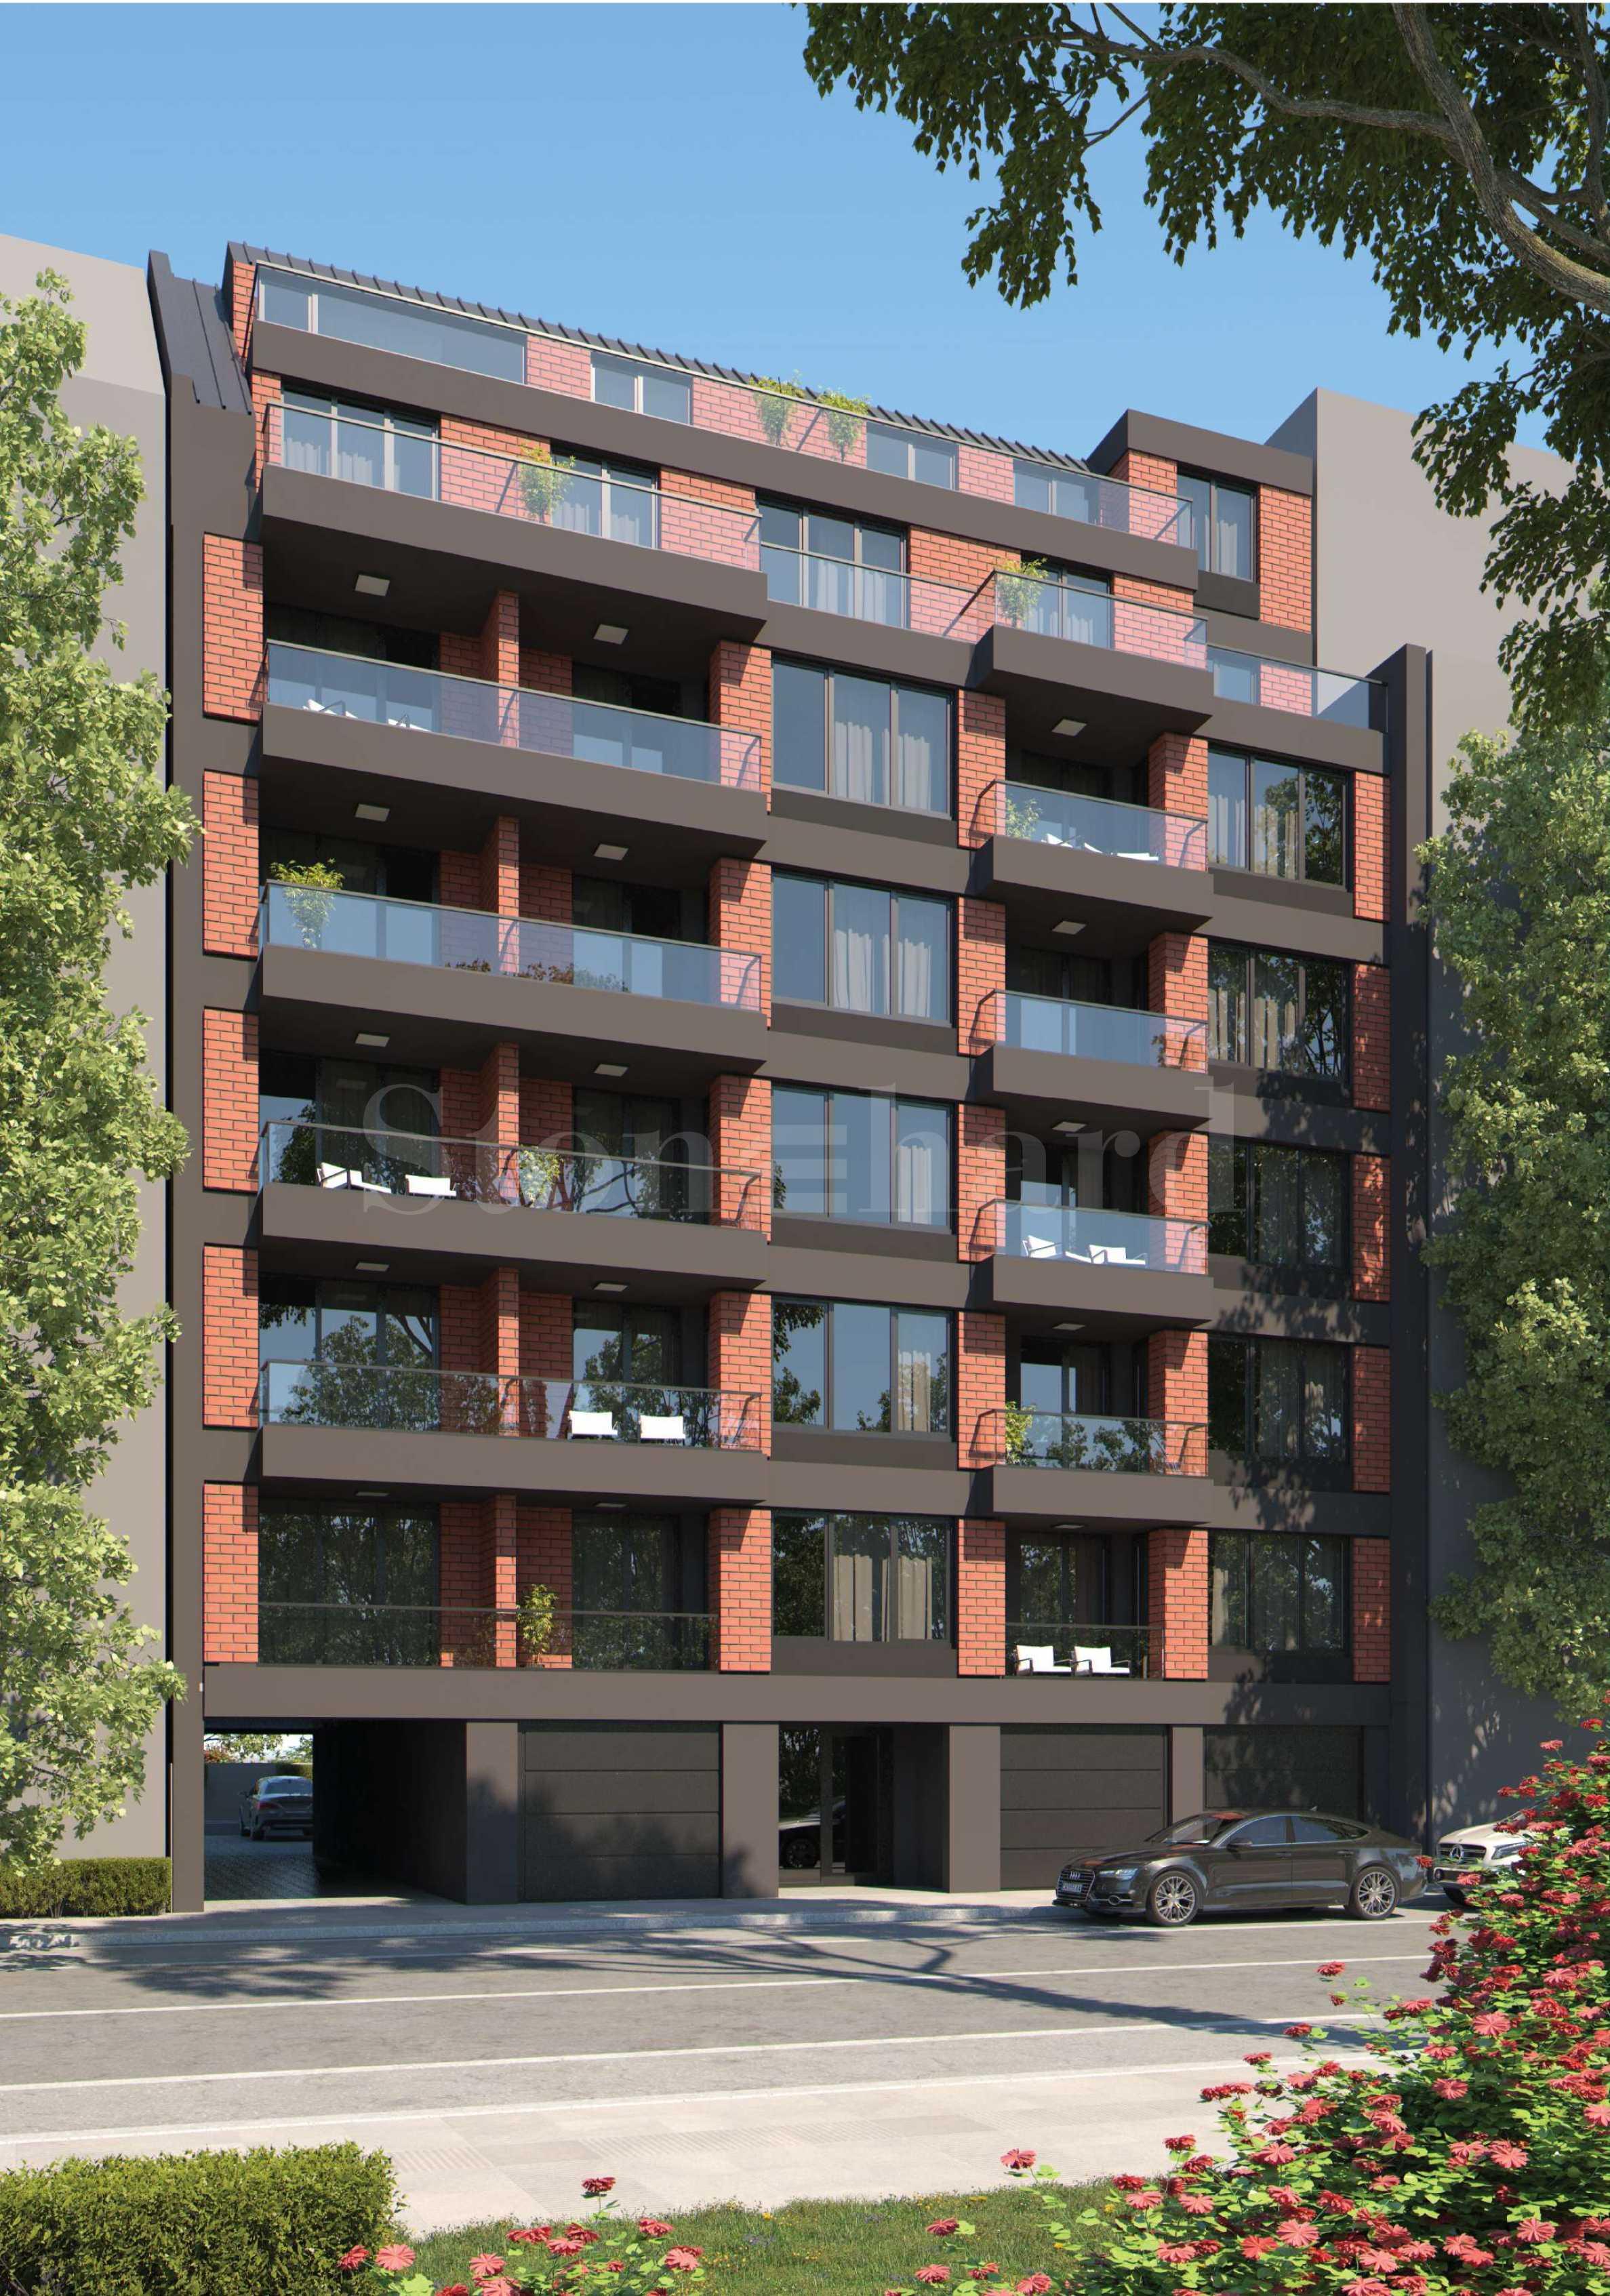 Новострояща се жилищна сграда в широк център до много удобства1 - Stonehard